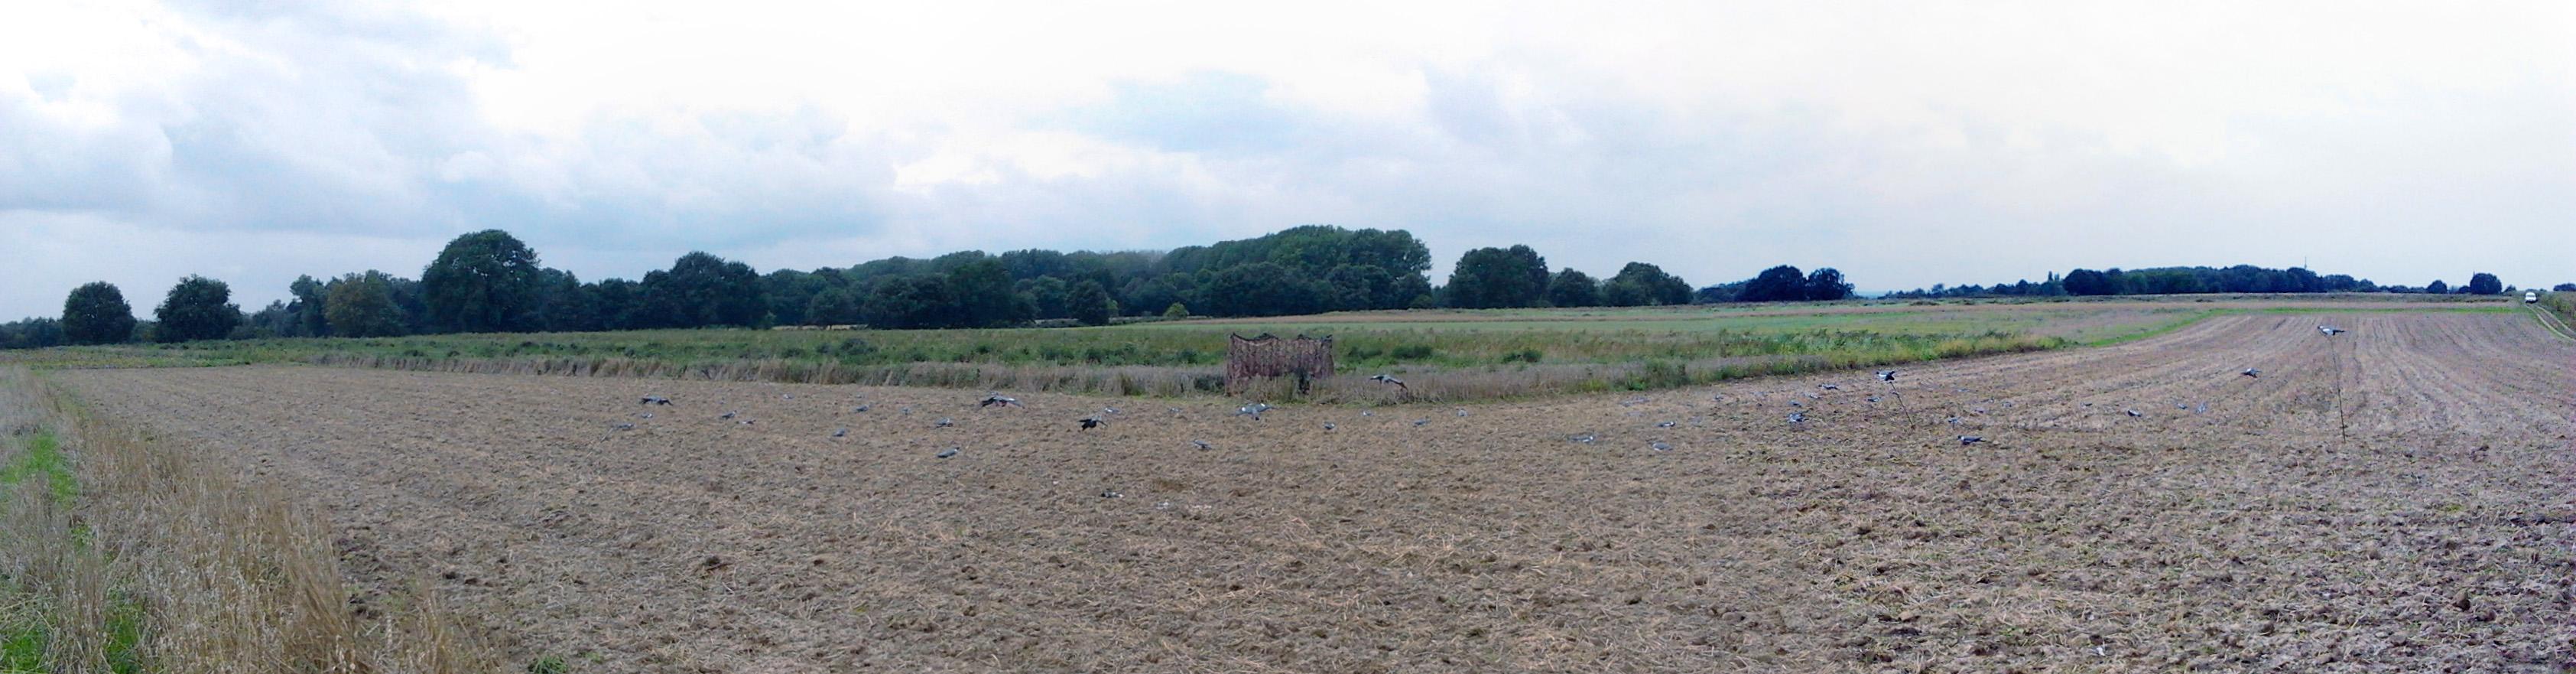 Panorama-duivenjacht-Kollenberg-sept-2013